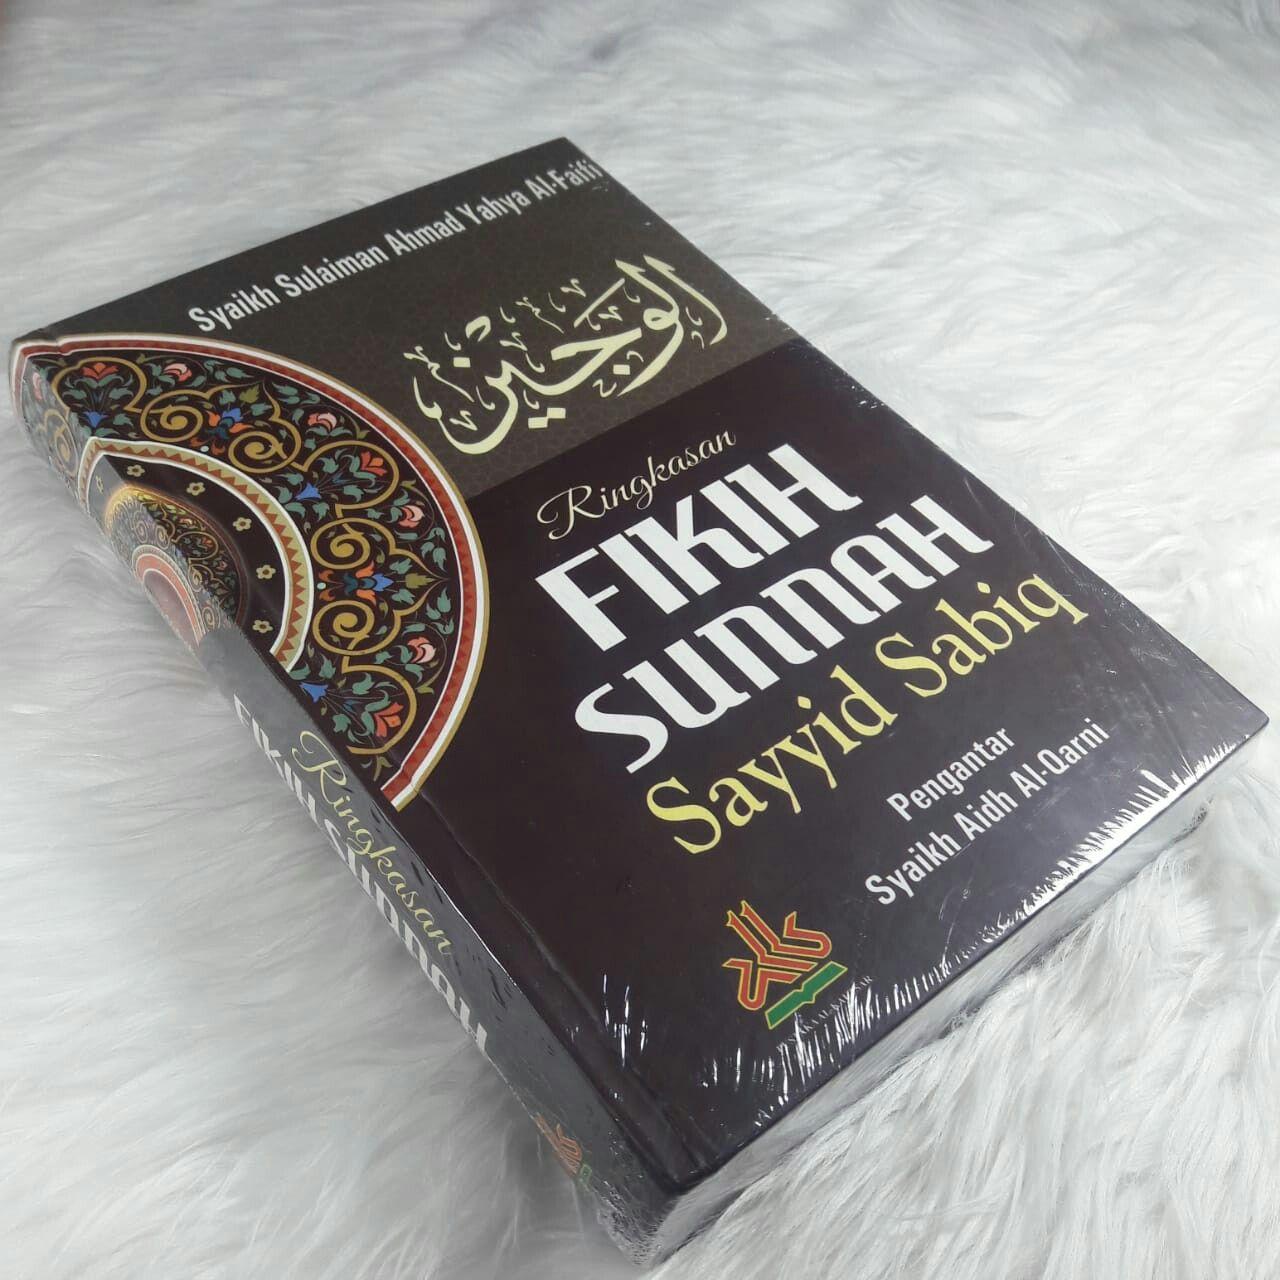 Ringkasan Fikih Sunnah Sayyid Sabiq Penulis Syaikh